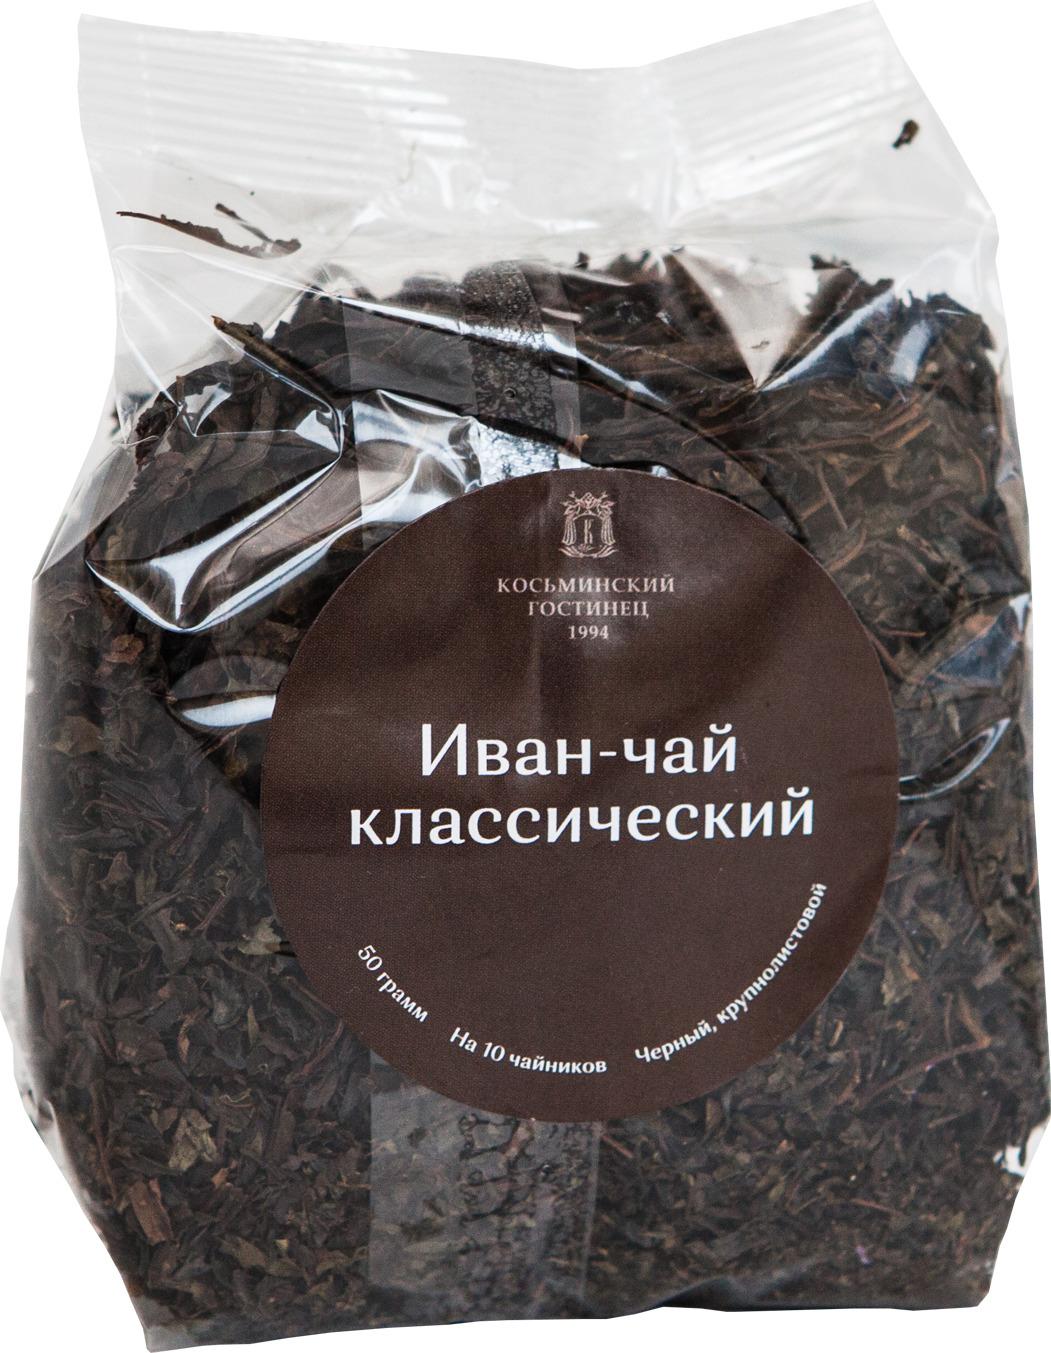 Иван-чай крупнолистовой Косьминский гостинец, 50 г иван чай крупнолистовой косьминский гостинец с мелиссой 50 г